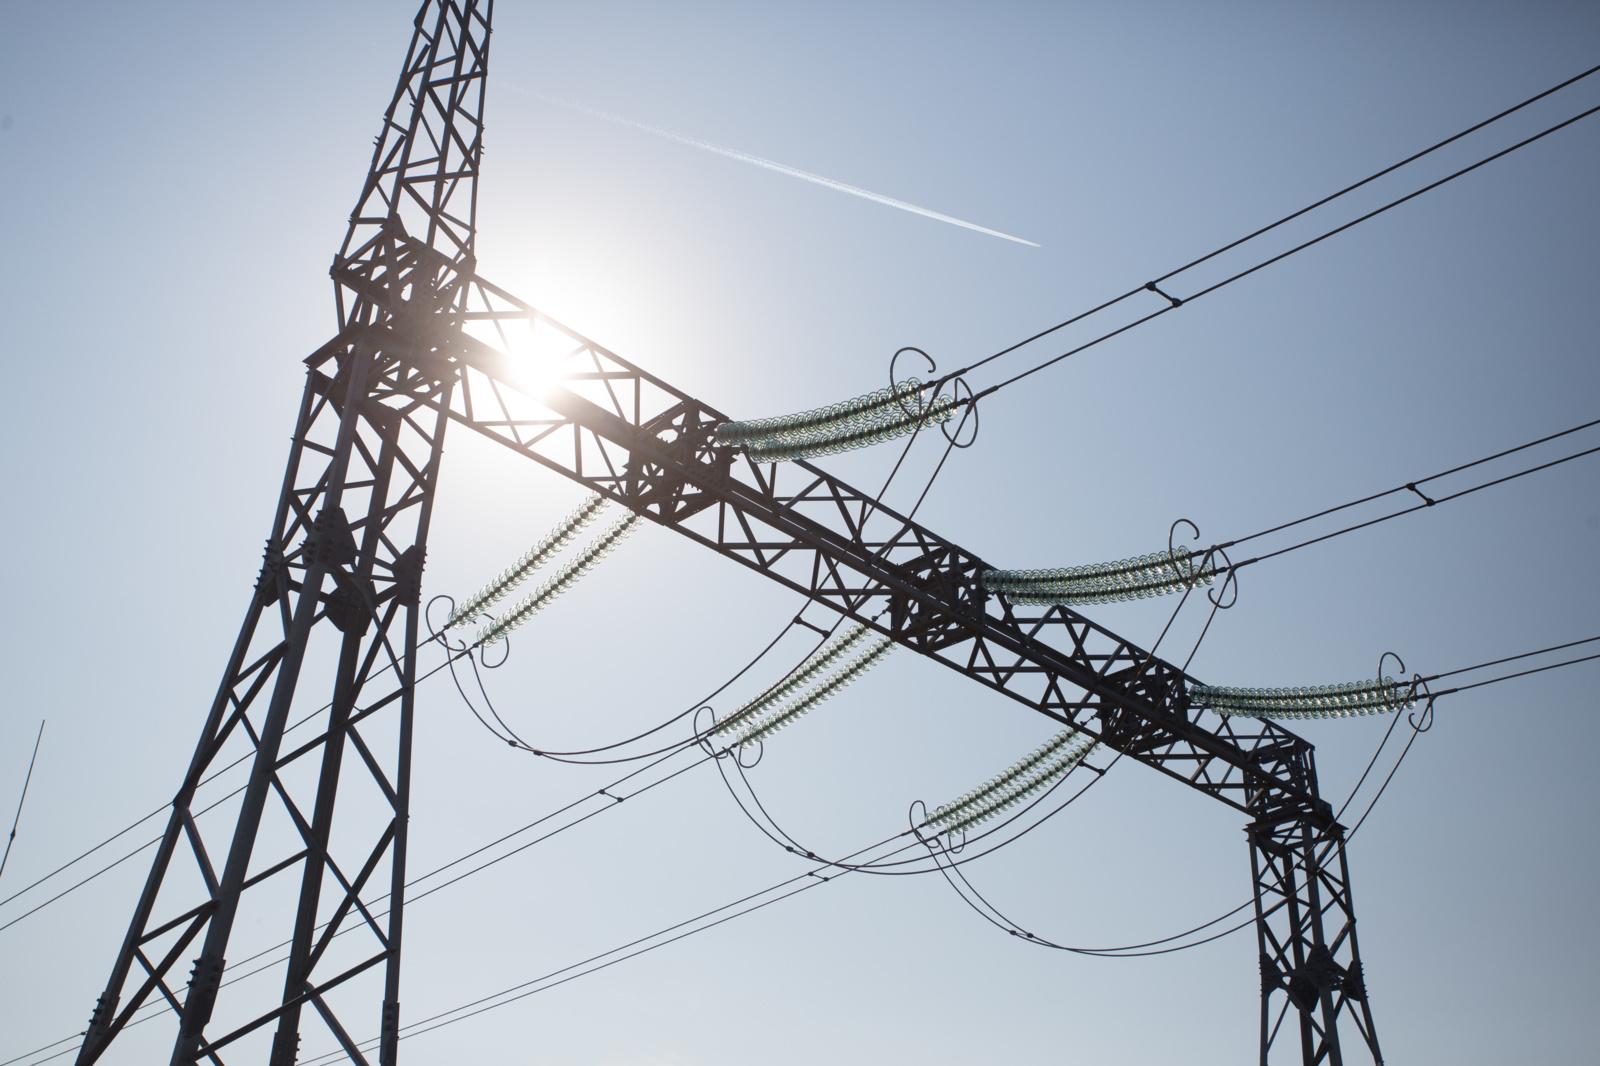 Dėl gedimo nutrūko elektros tiekimas skirstymo tinkle Palangoje ir apylinkėse